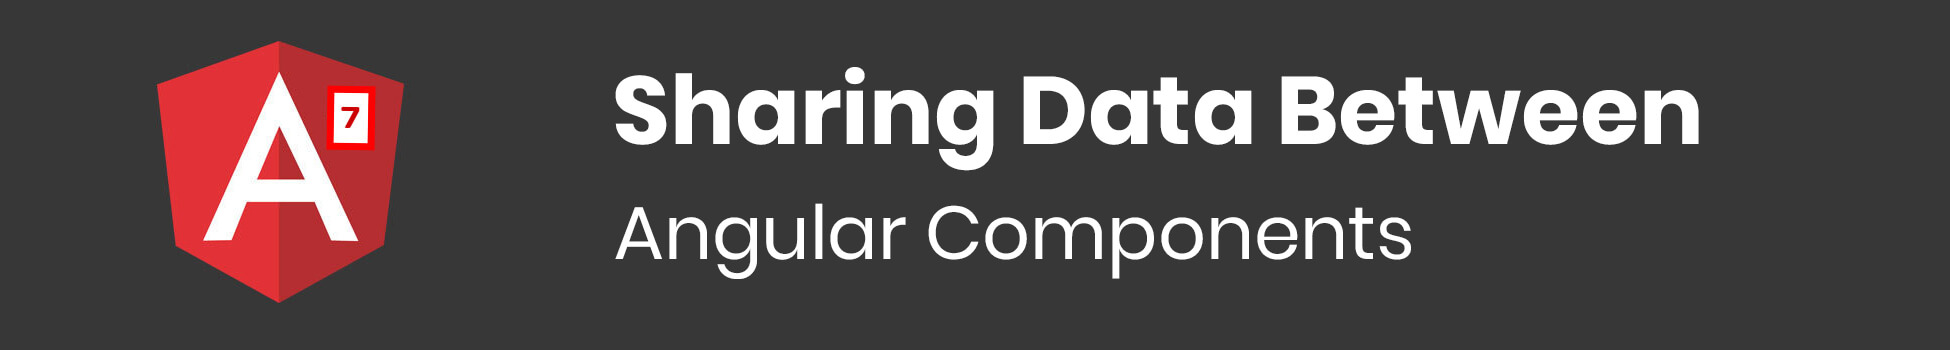 Sharing Data Between Angular Components